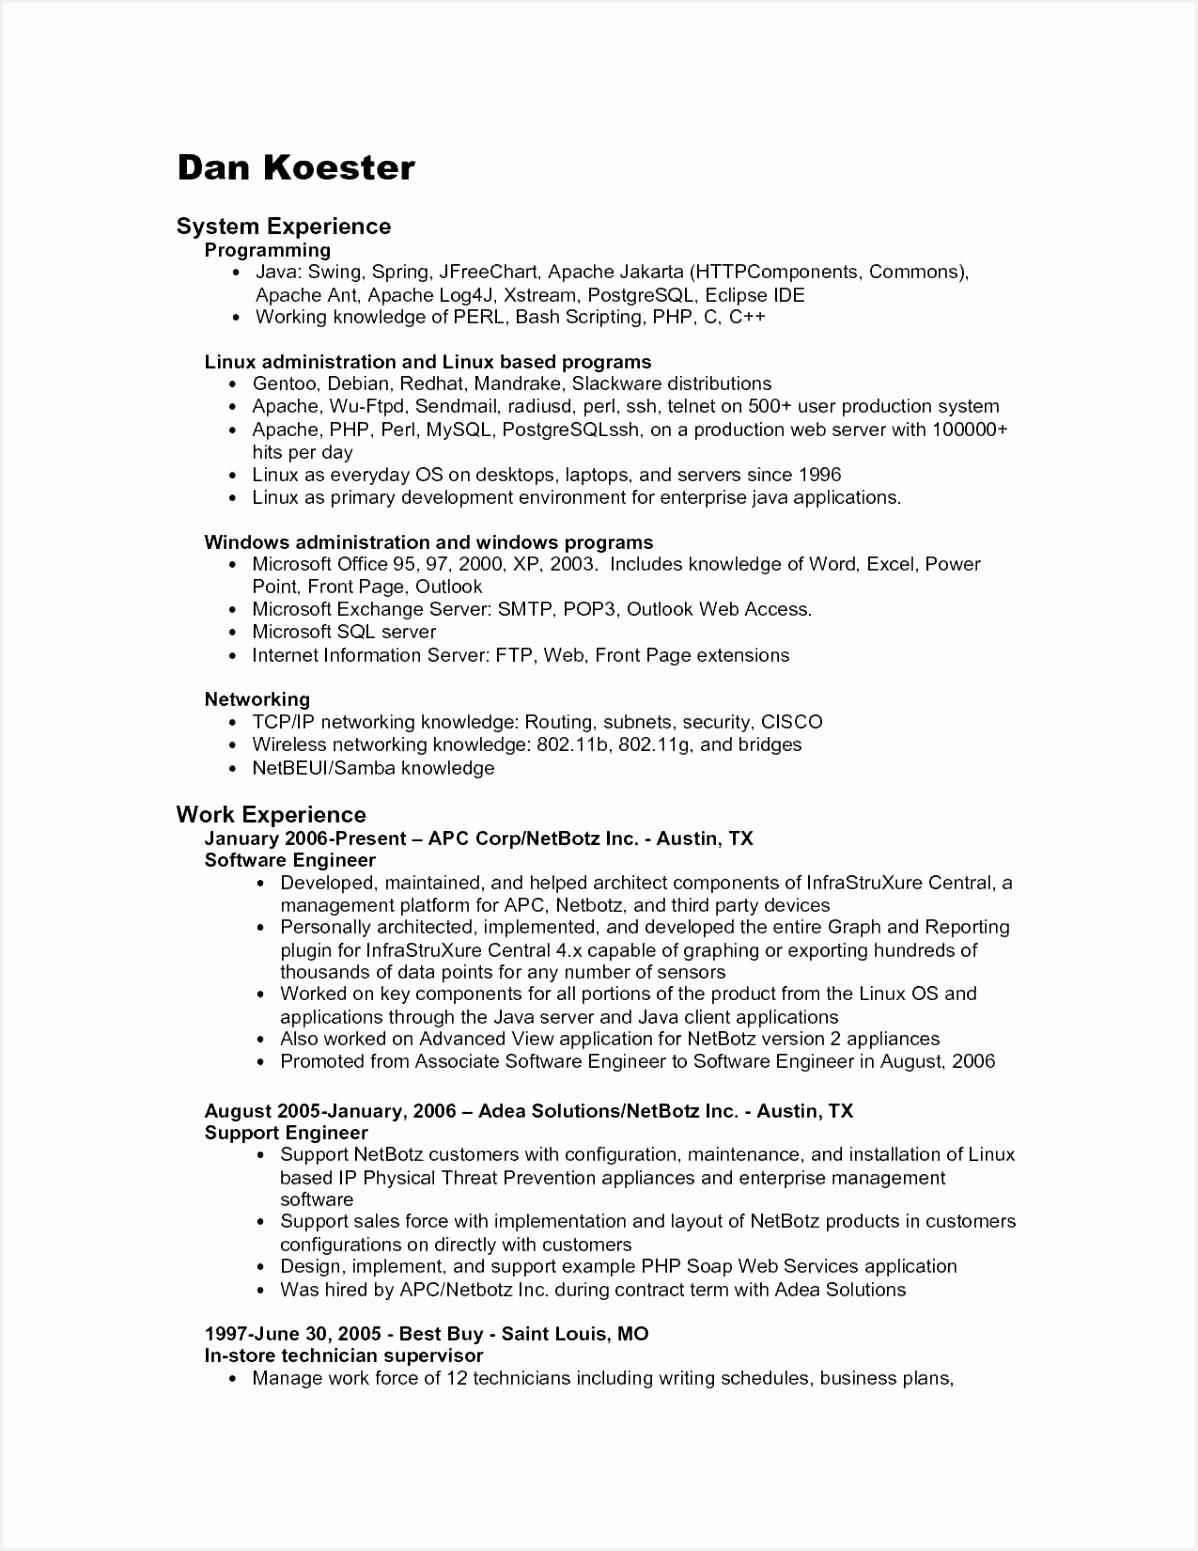 Resume format for System Administrator Tehbv Beautiful 22 New System Administrator Resume format15511198